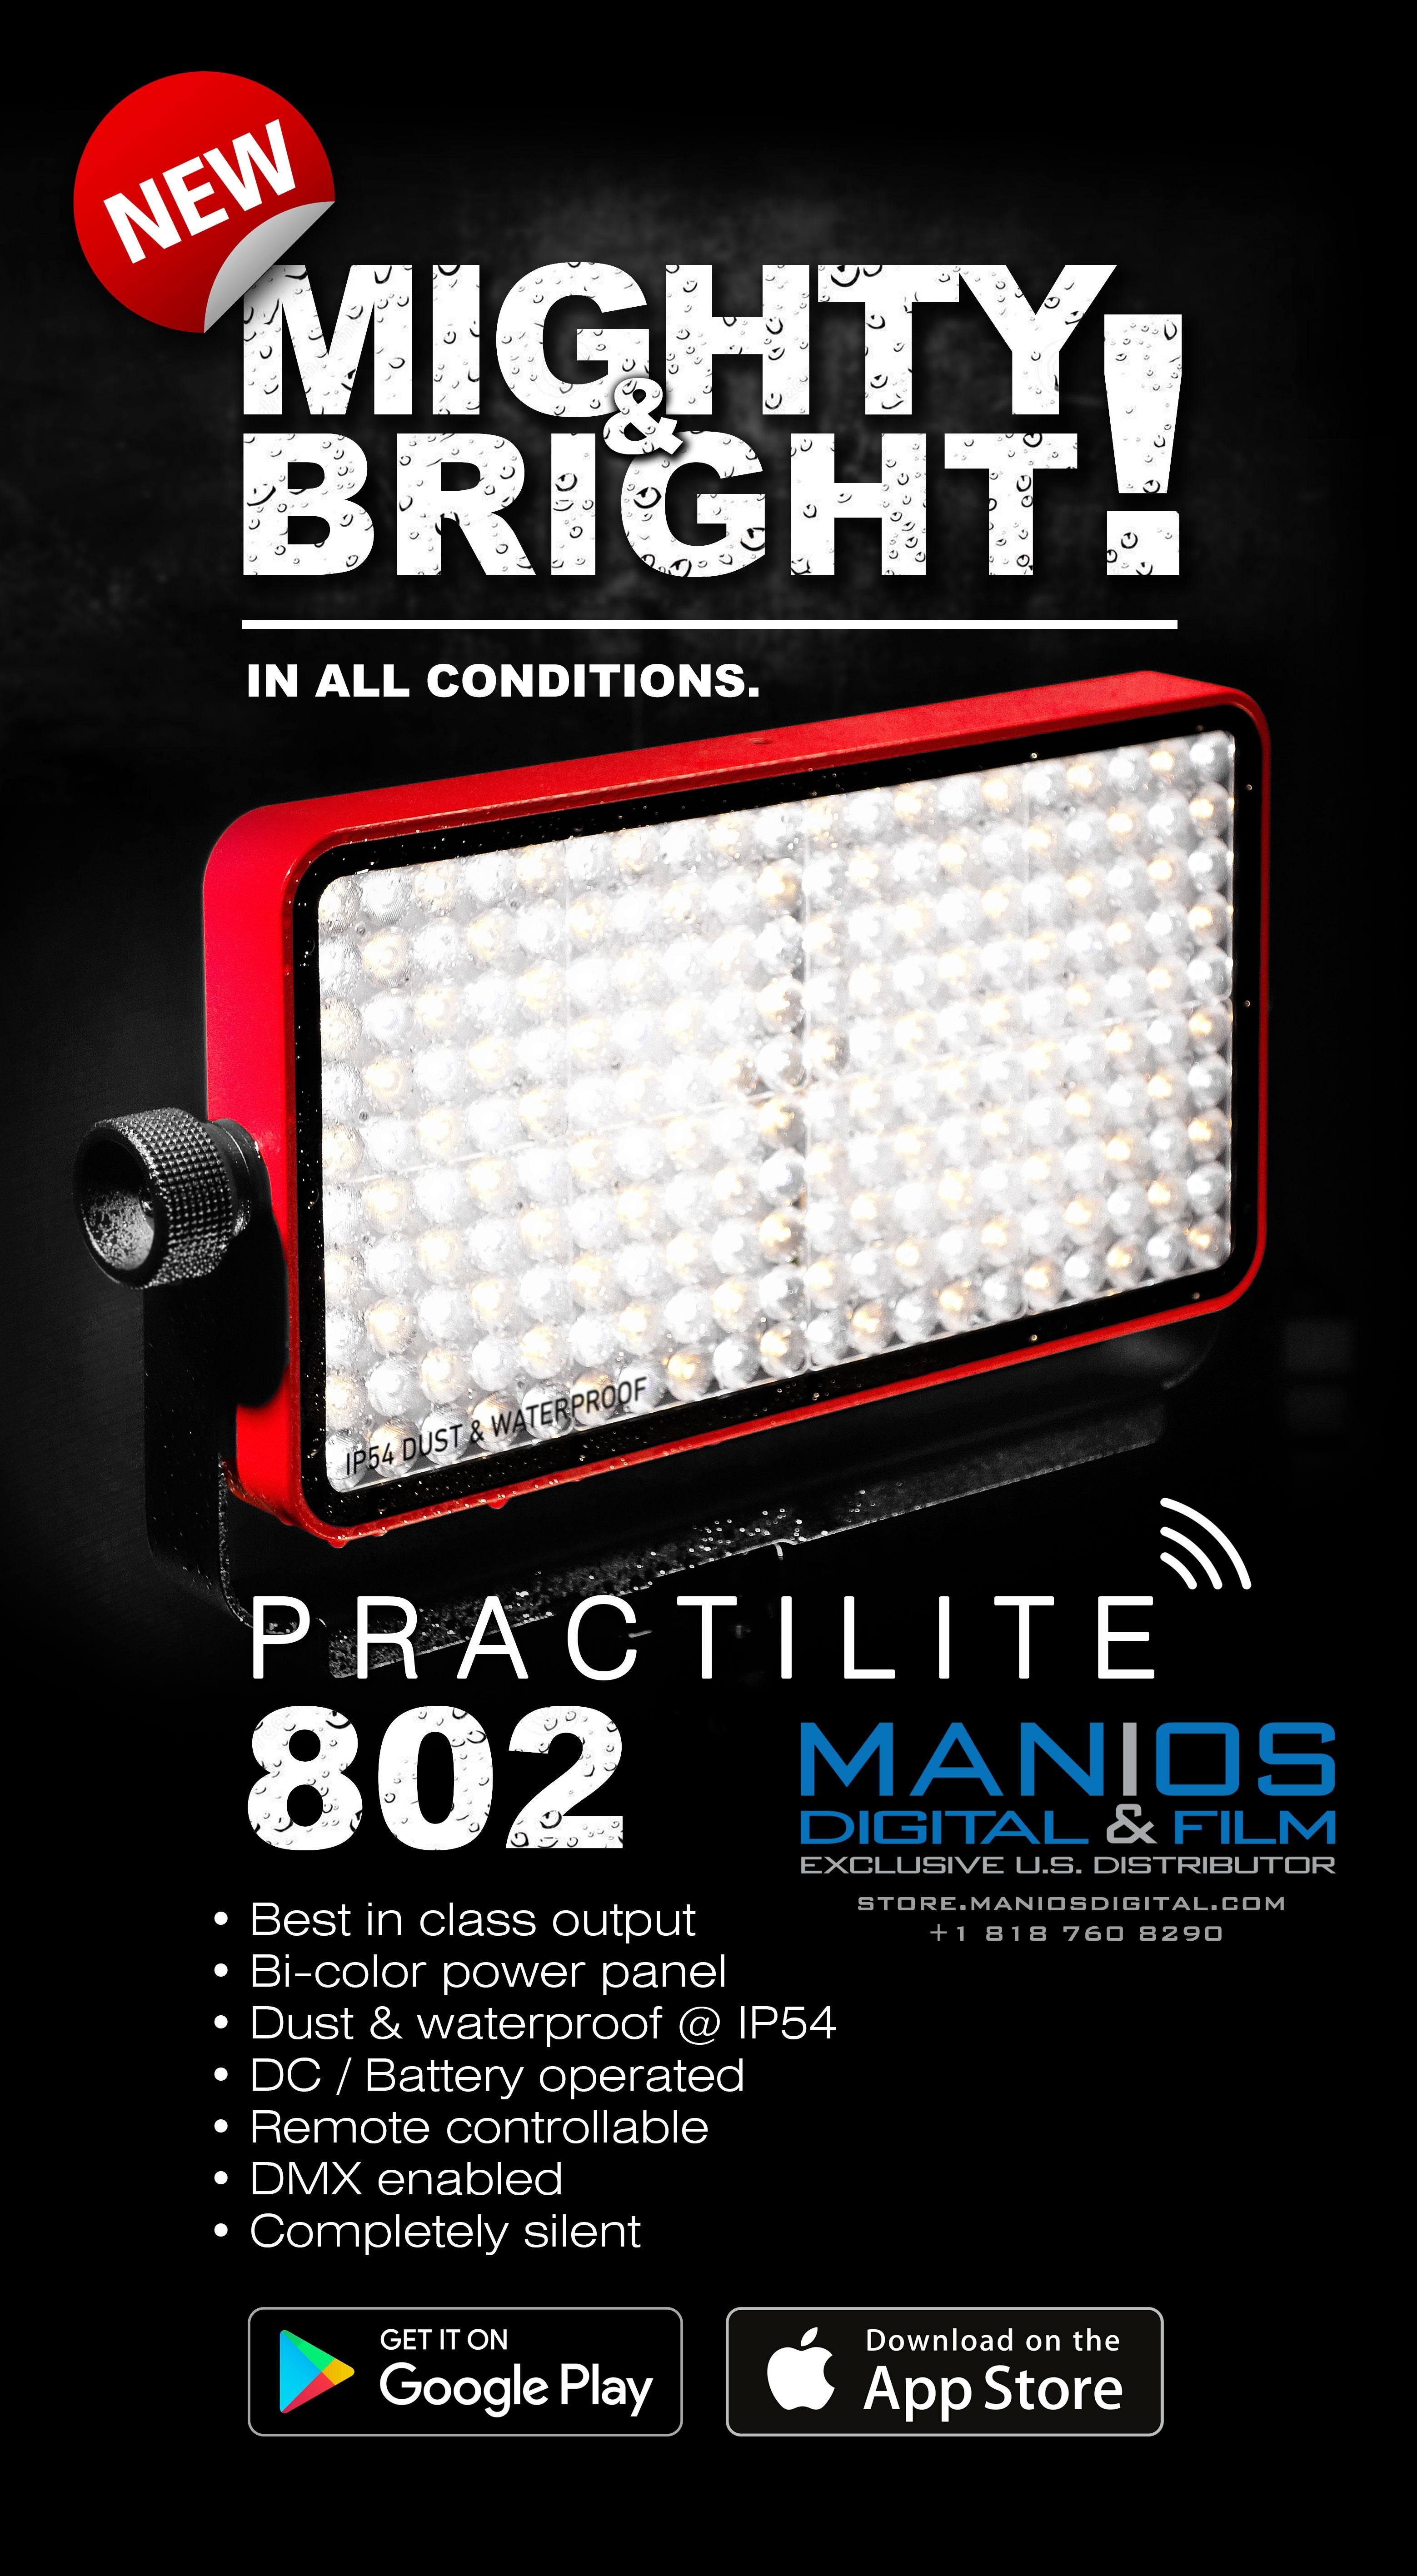 pract 802 poster